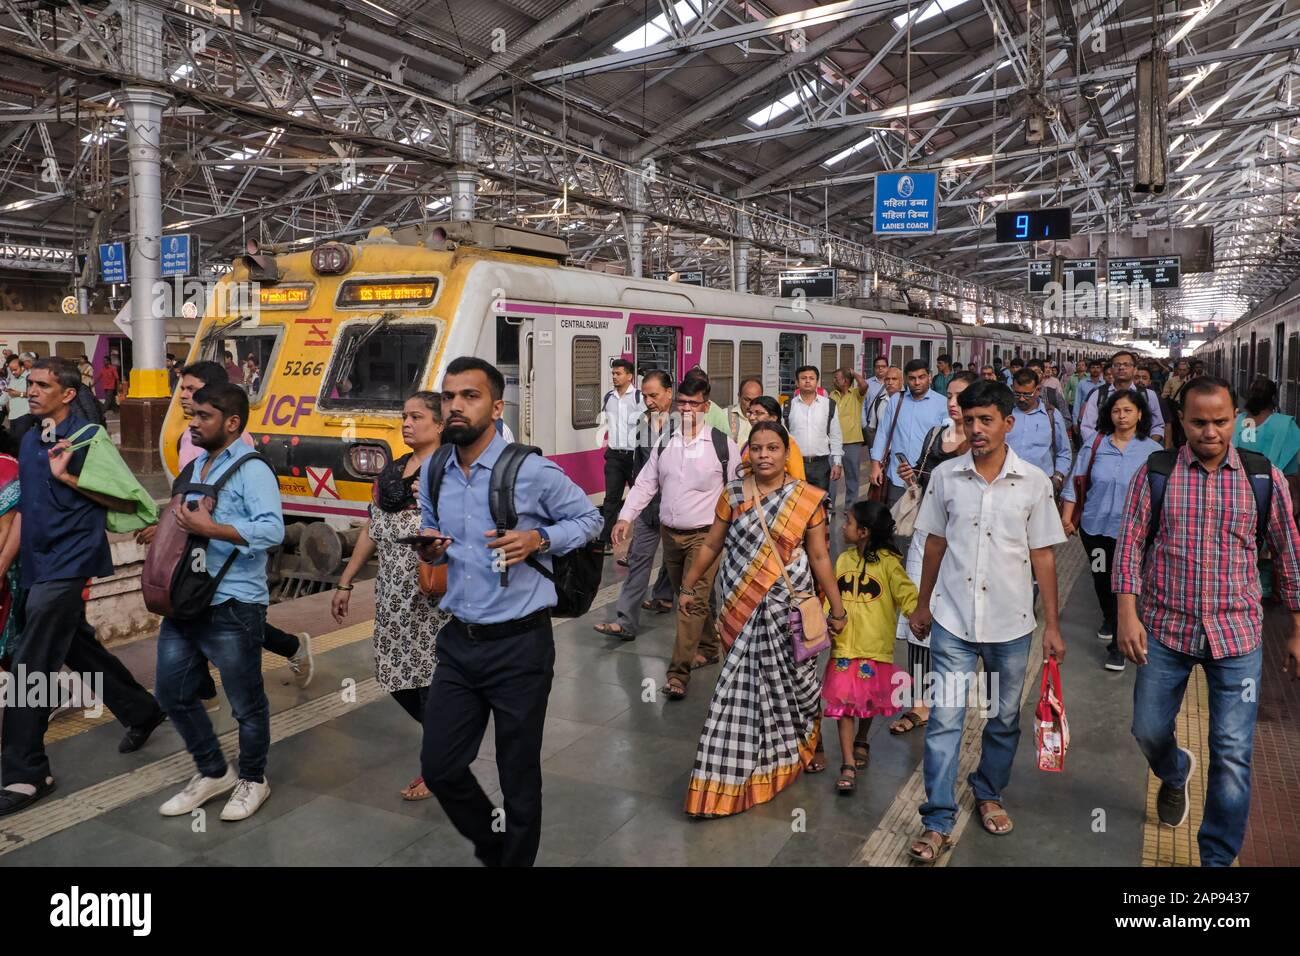 Commuters at Chhatrapati Shivaji Maharaj Terminus in Mumbai, India, disembarking from a suburban train Stock Photo